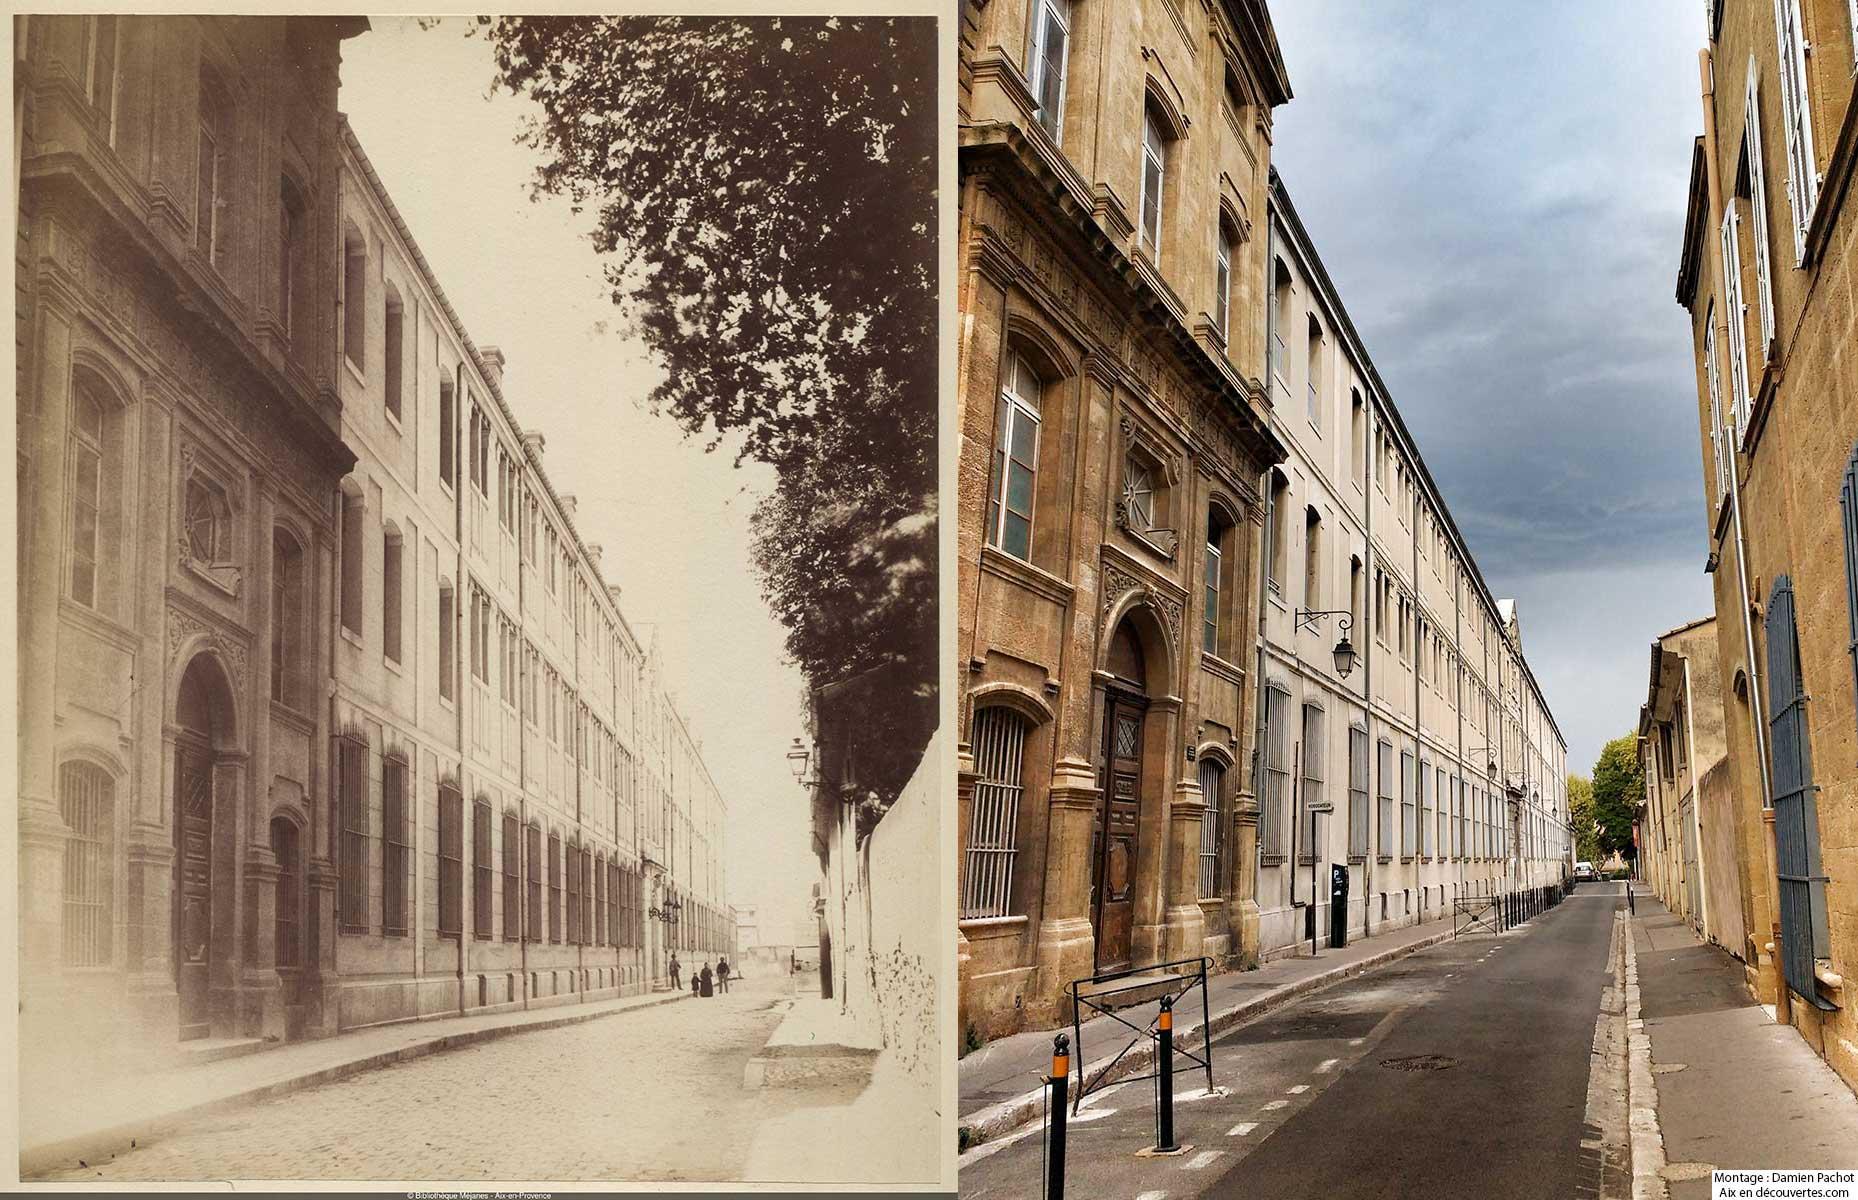 La rue Cardinale au XIXe siècle et de nos jours - Bibliothèque Méjanes, Aix-en-Provence, Cote : PHO. GON. (2), 73